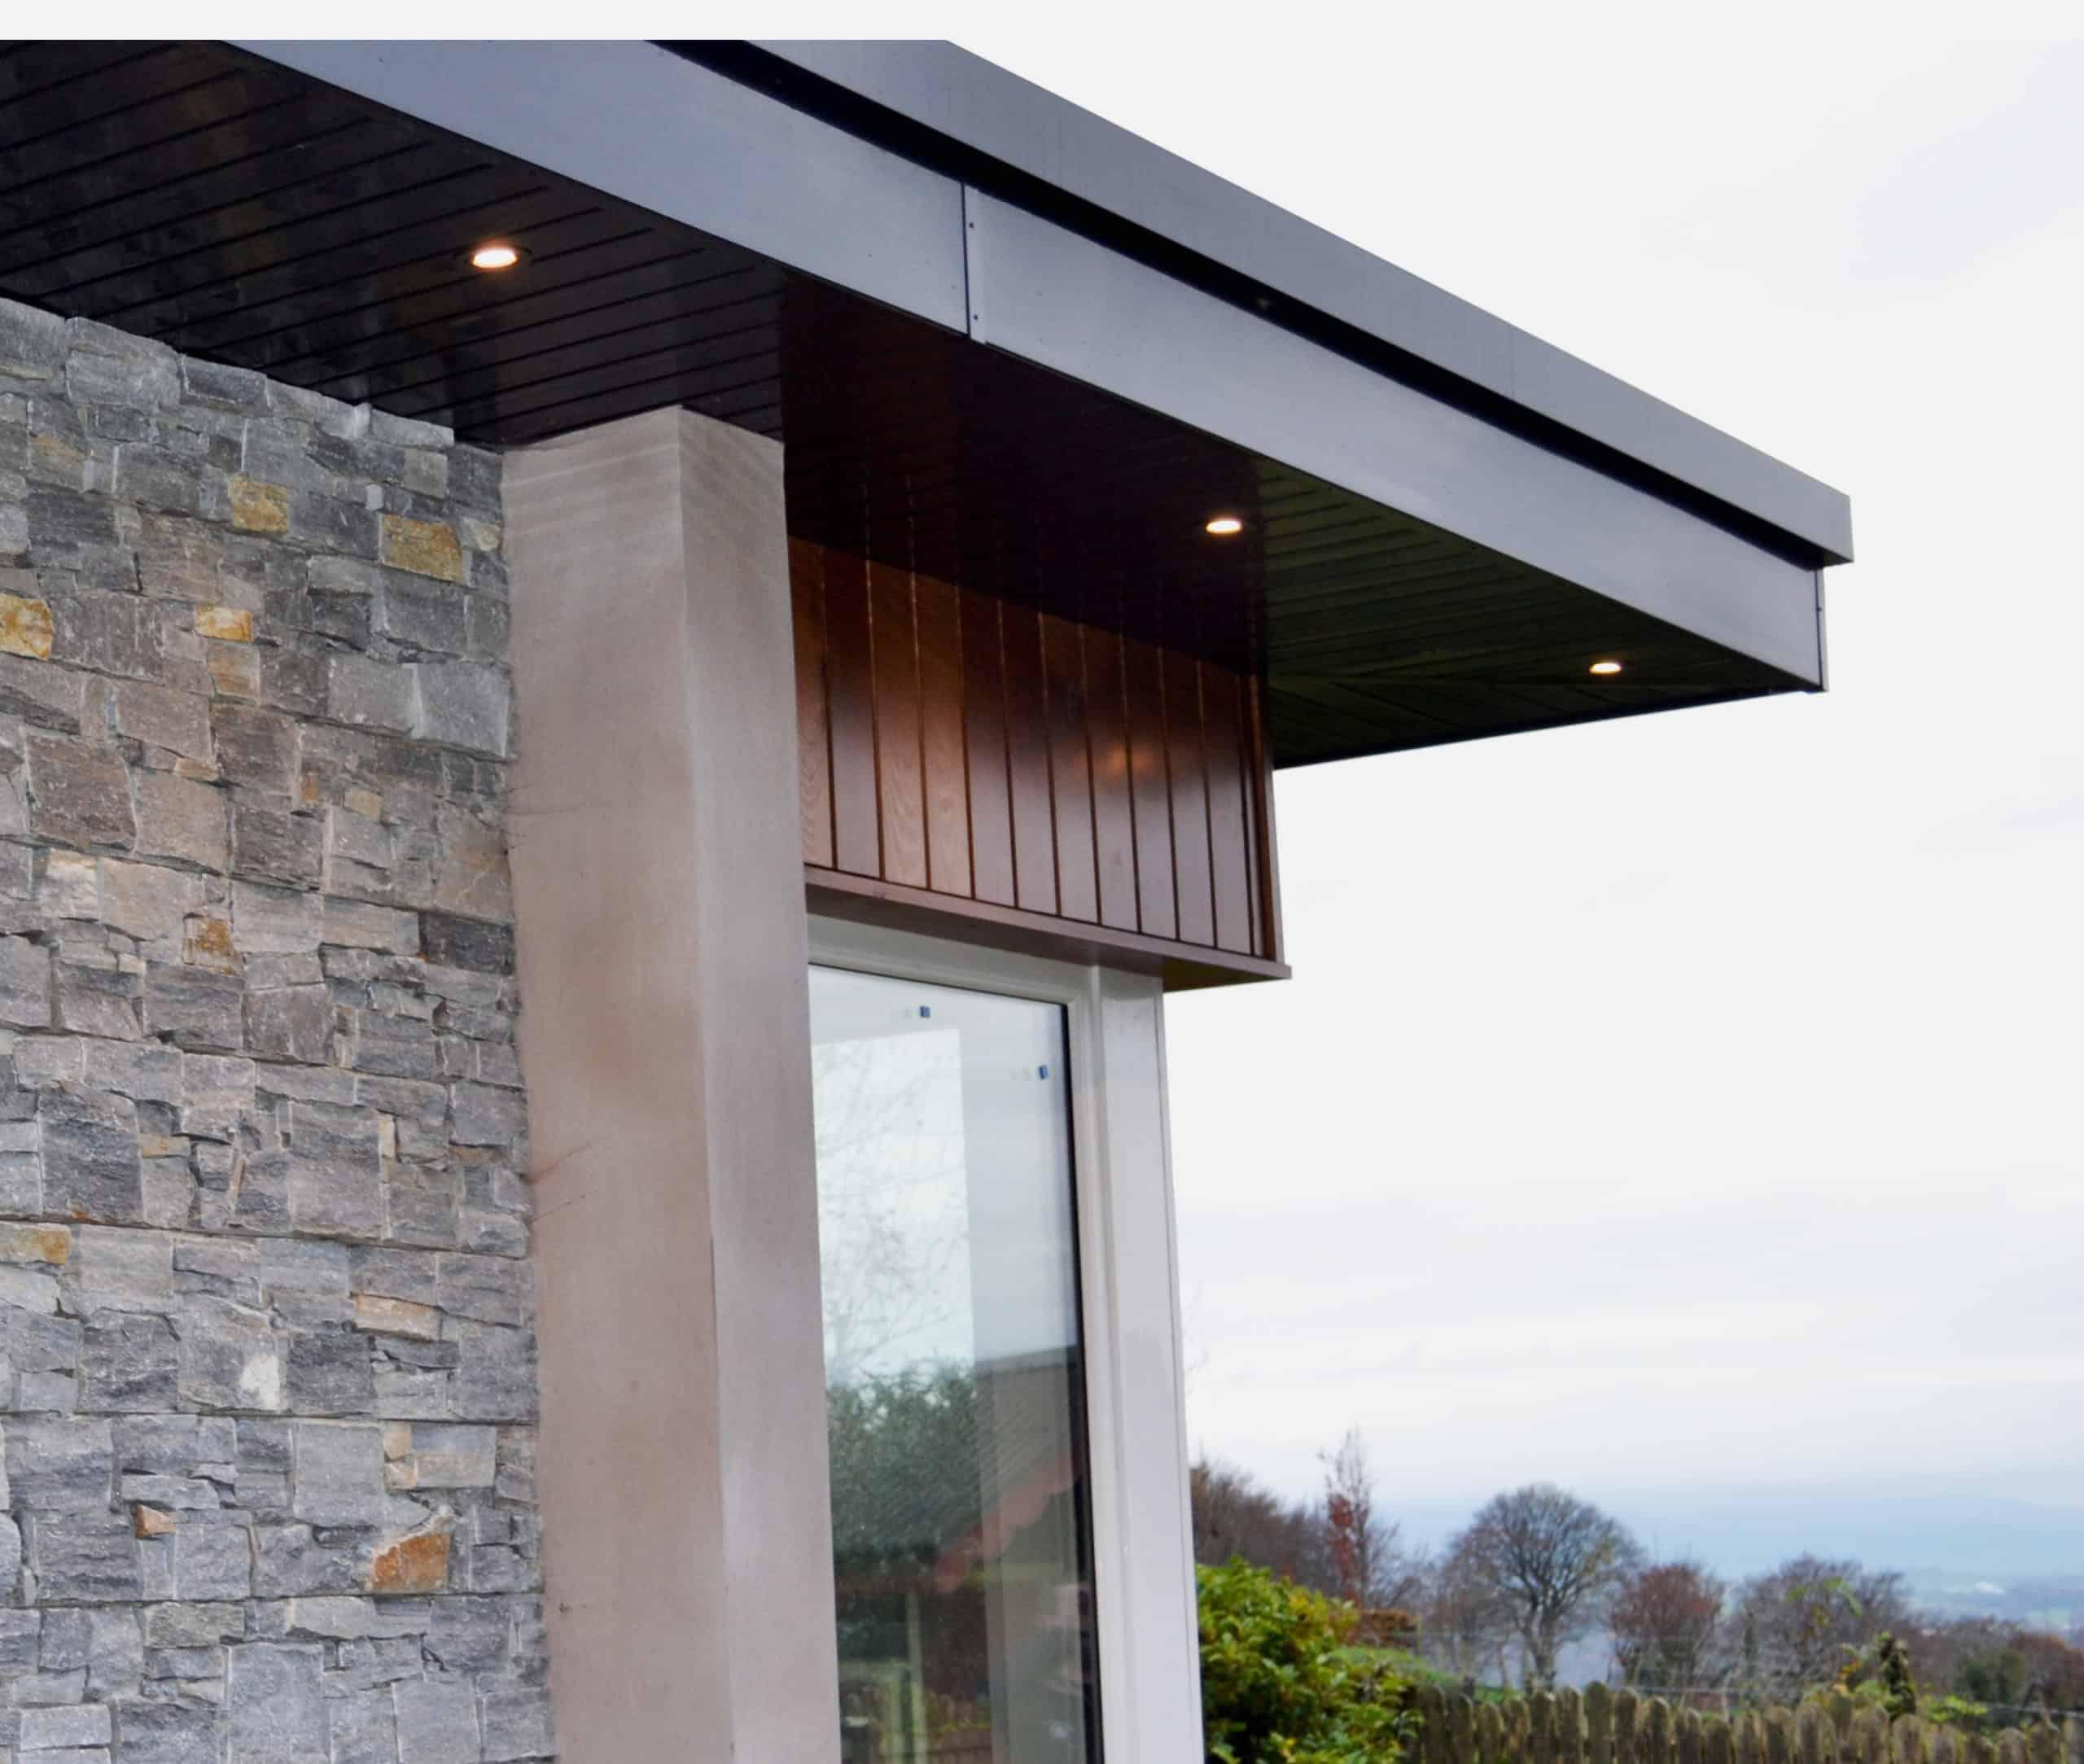 Forster Extension - Details